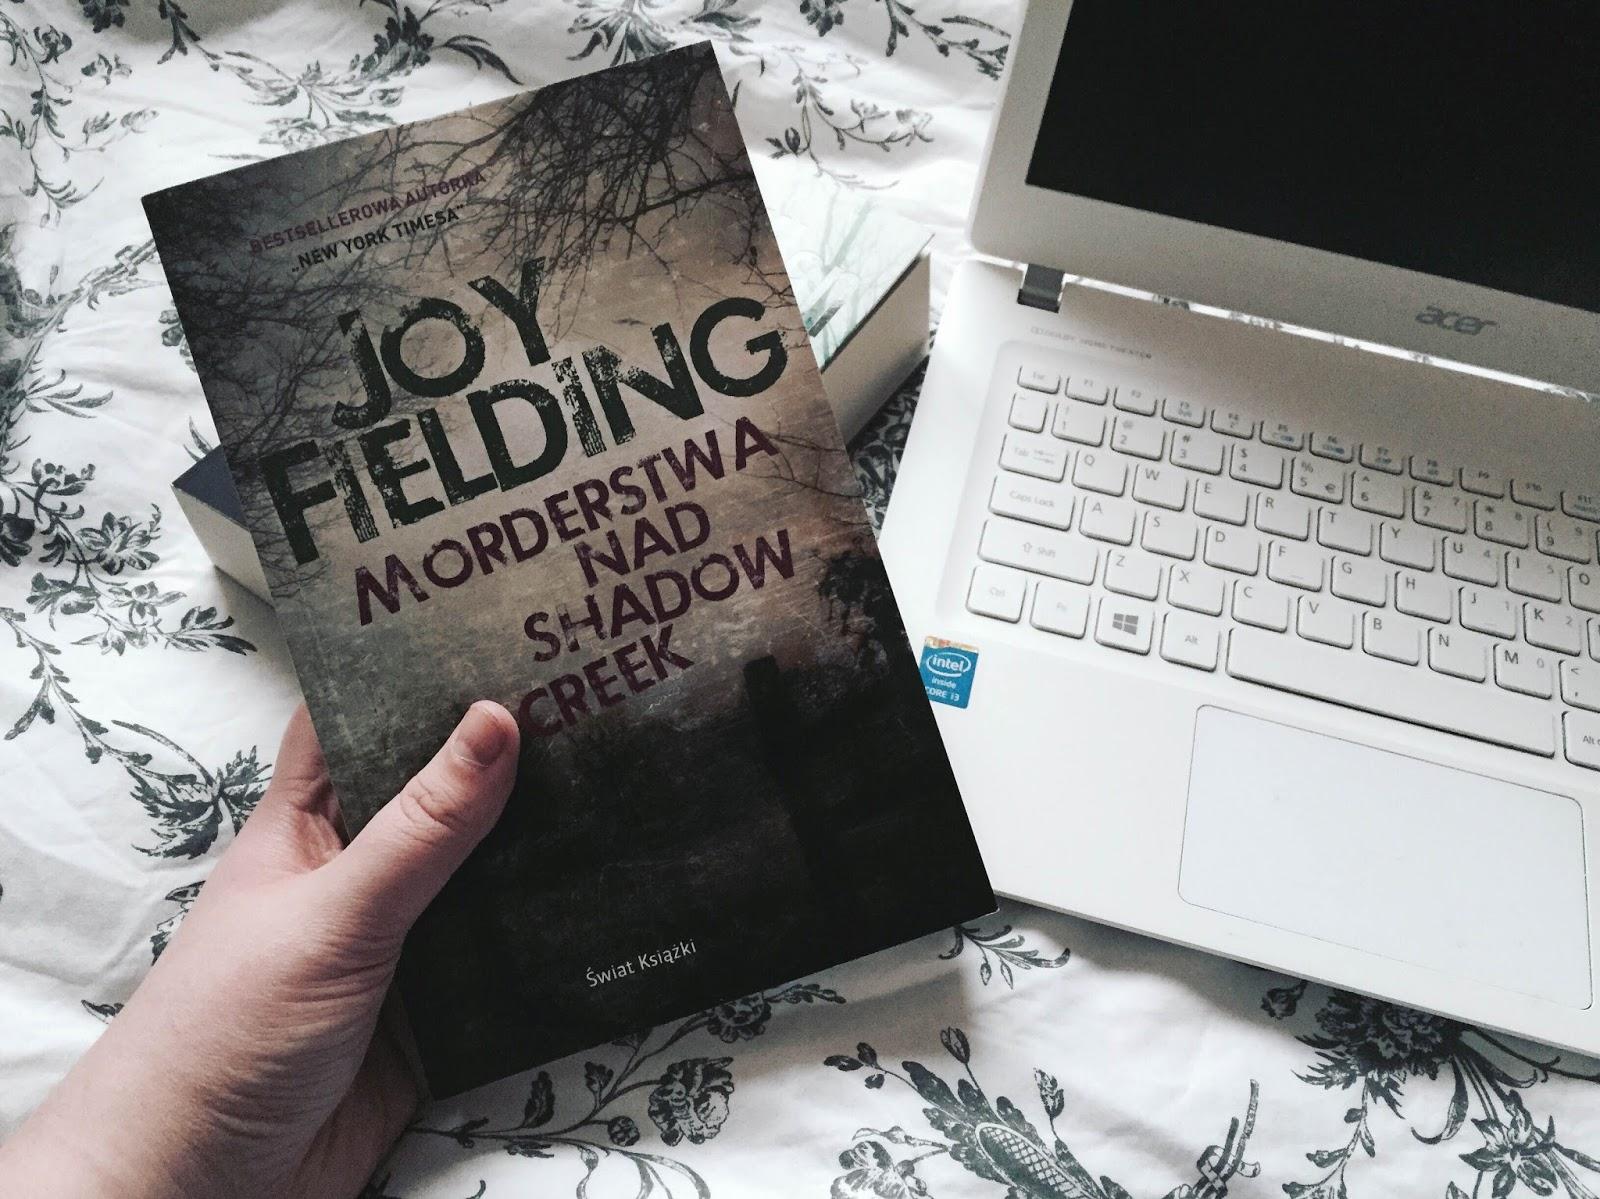 Morderstwa nad Shadow Creek, Joy Fielding